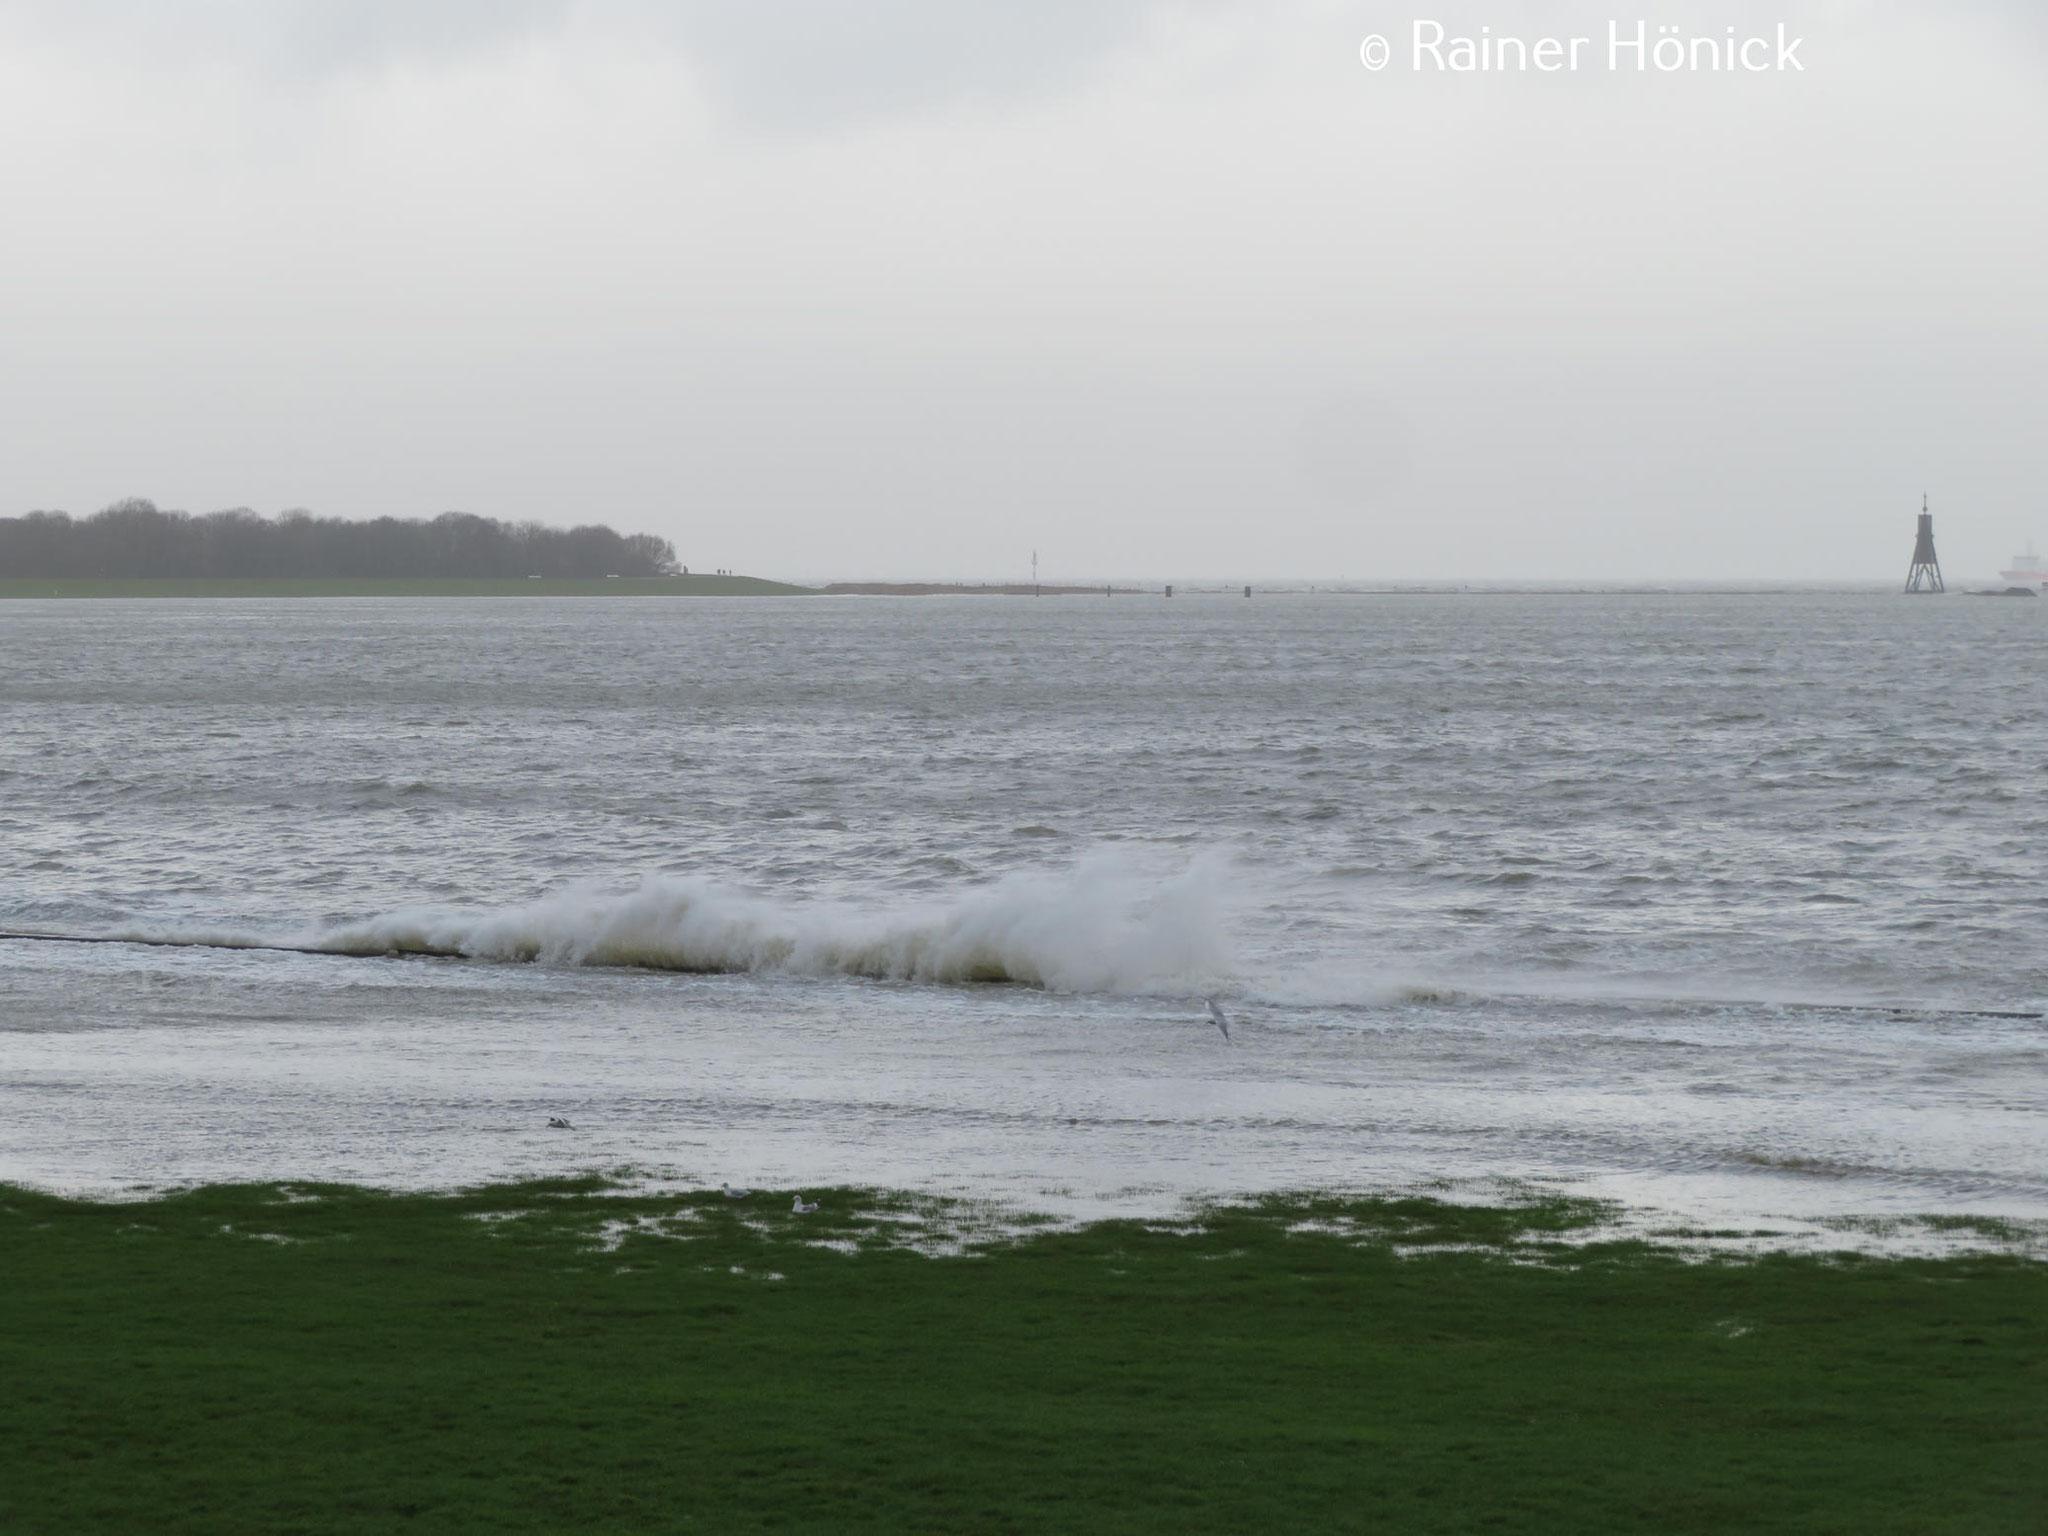 Wellen brechen sich an den Wellenbrechern